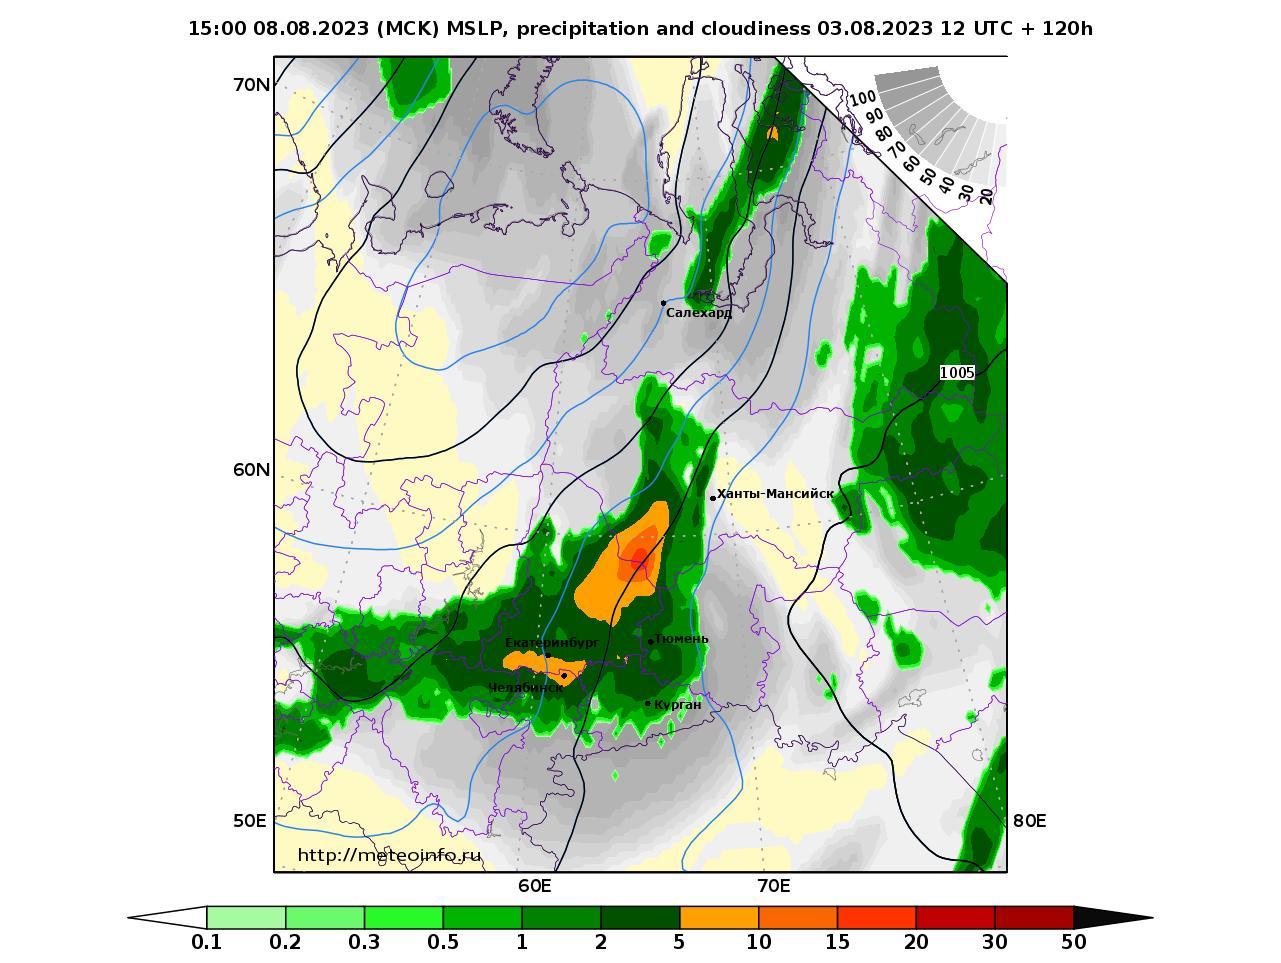 Уральский Федеральный округ, прогностическая карта осадки и давление, заблаговременность прогноза 120 часов